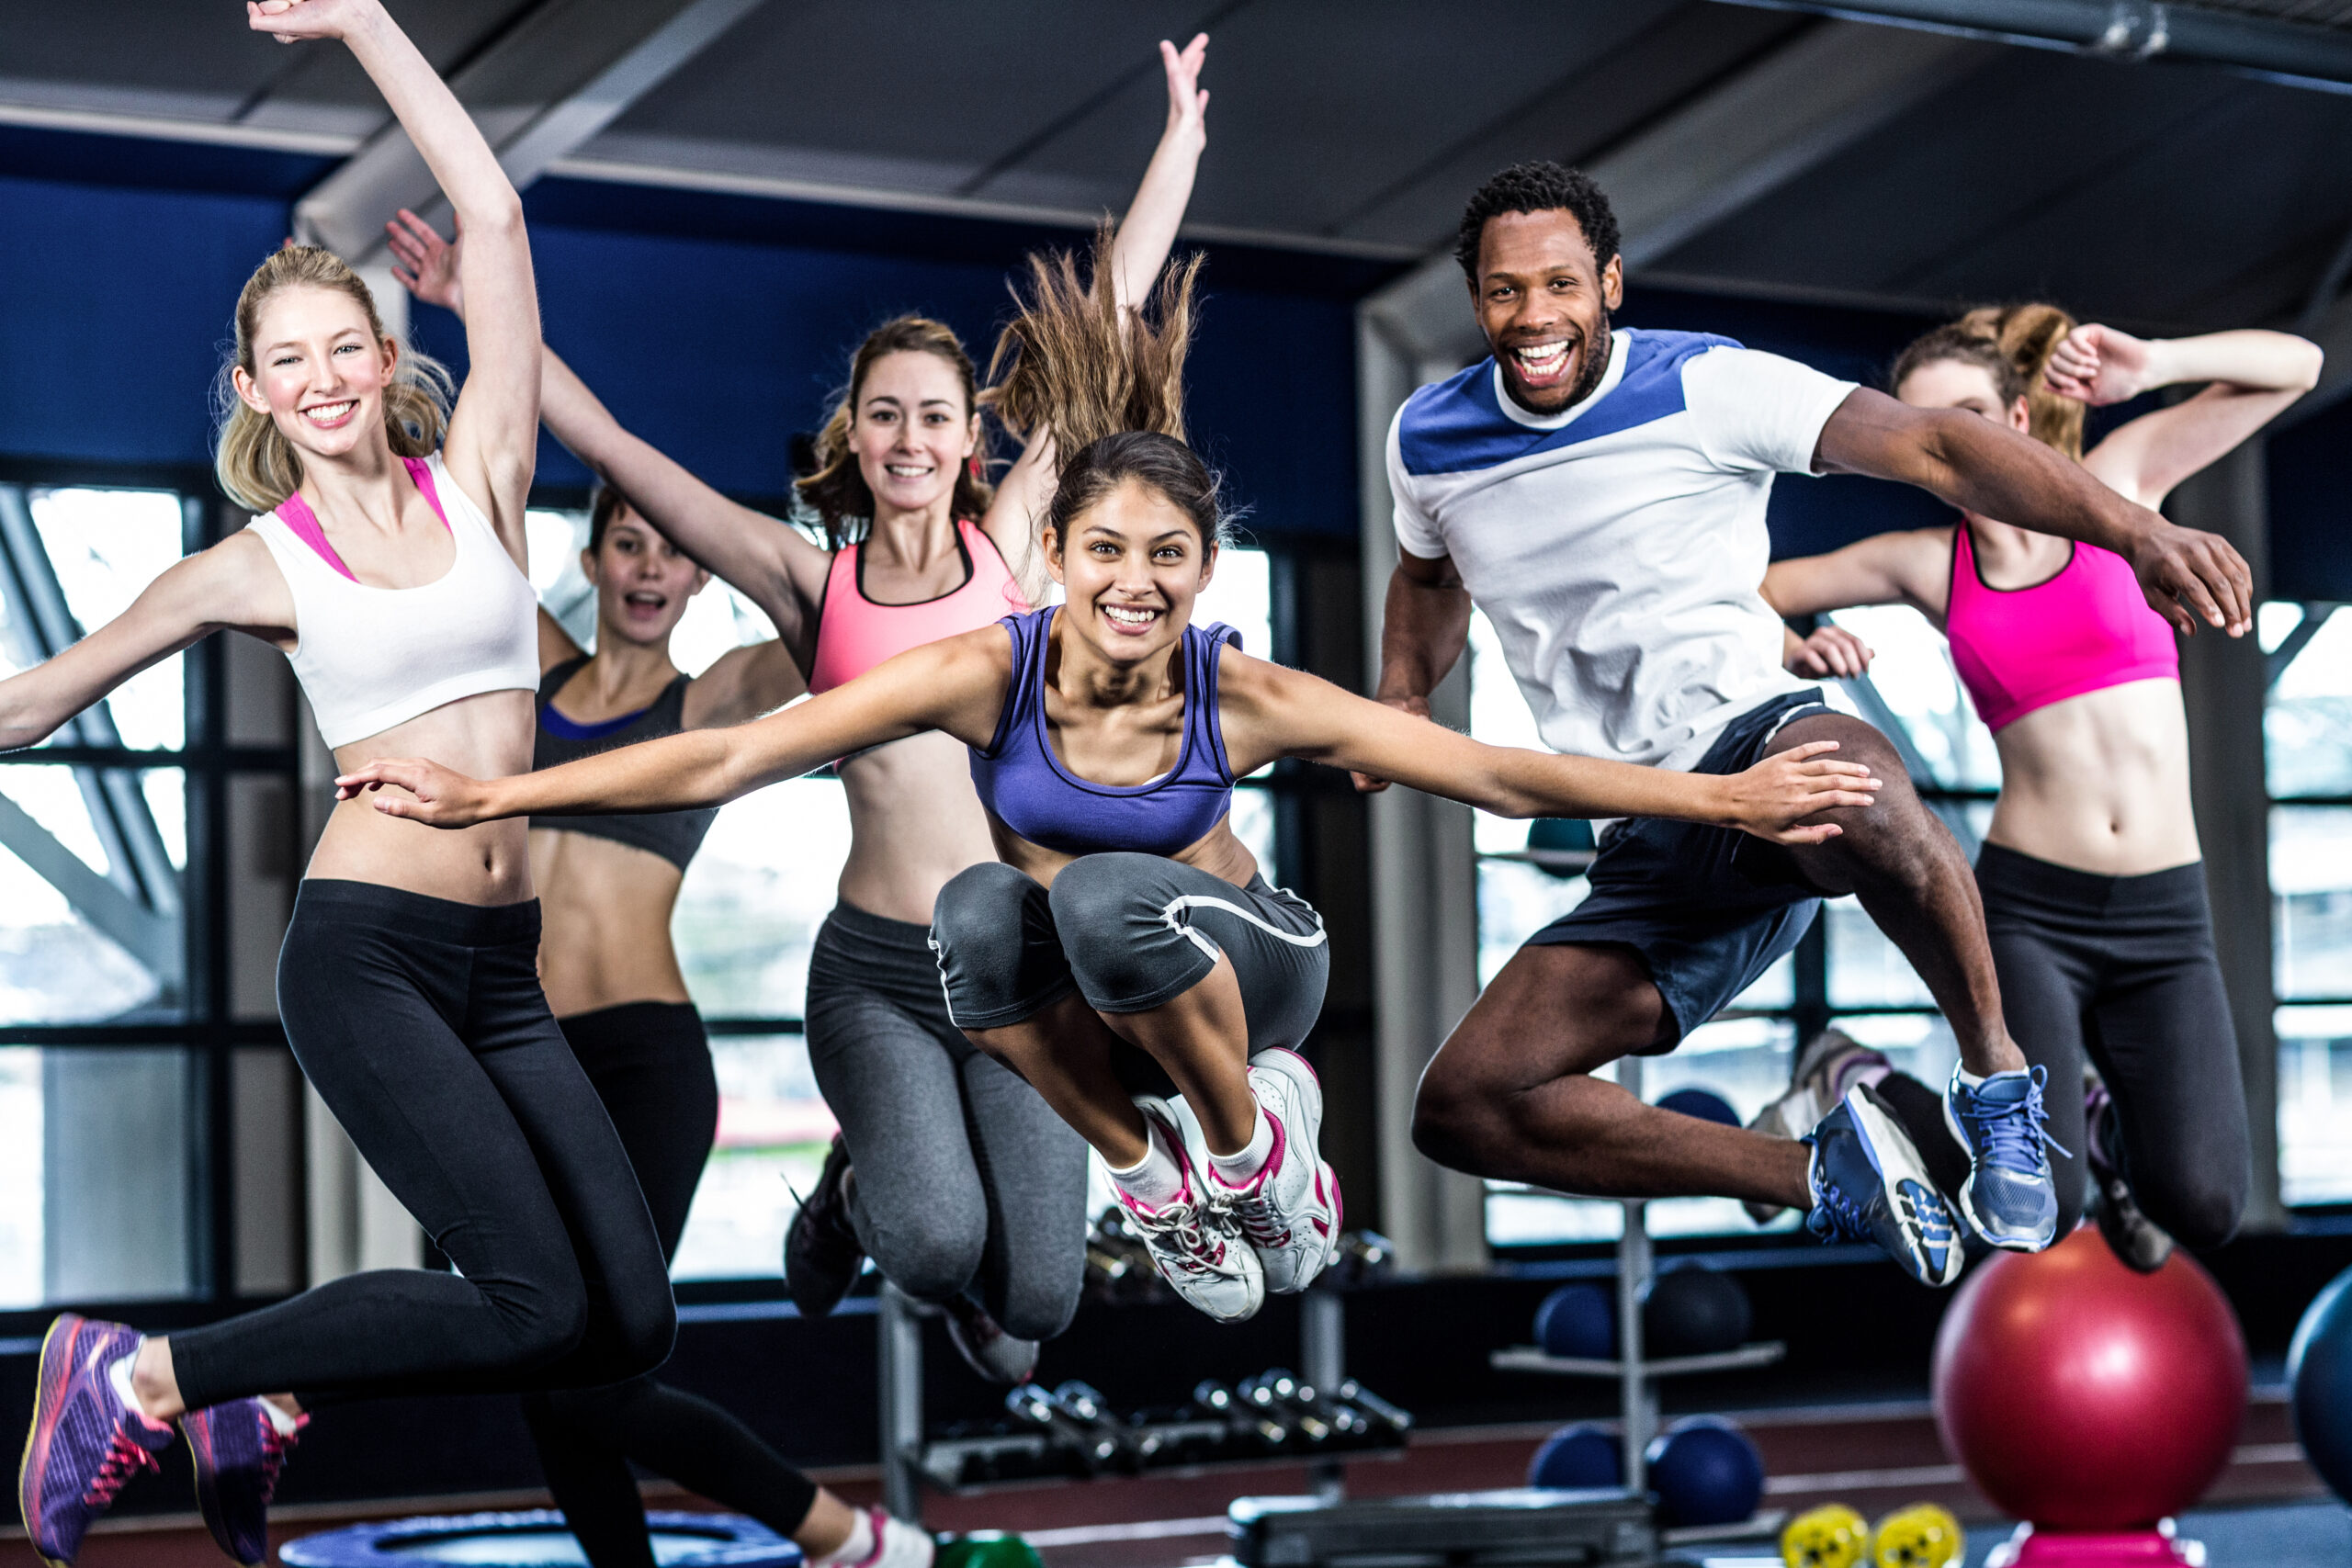 Fitnessstudios sind nur für rund 1 Prozent aller Coronainfektionen verantwortlich!